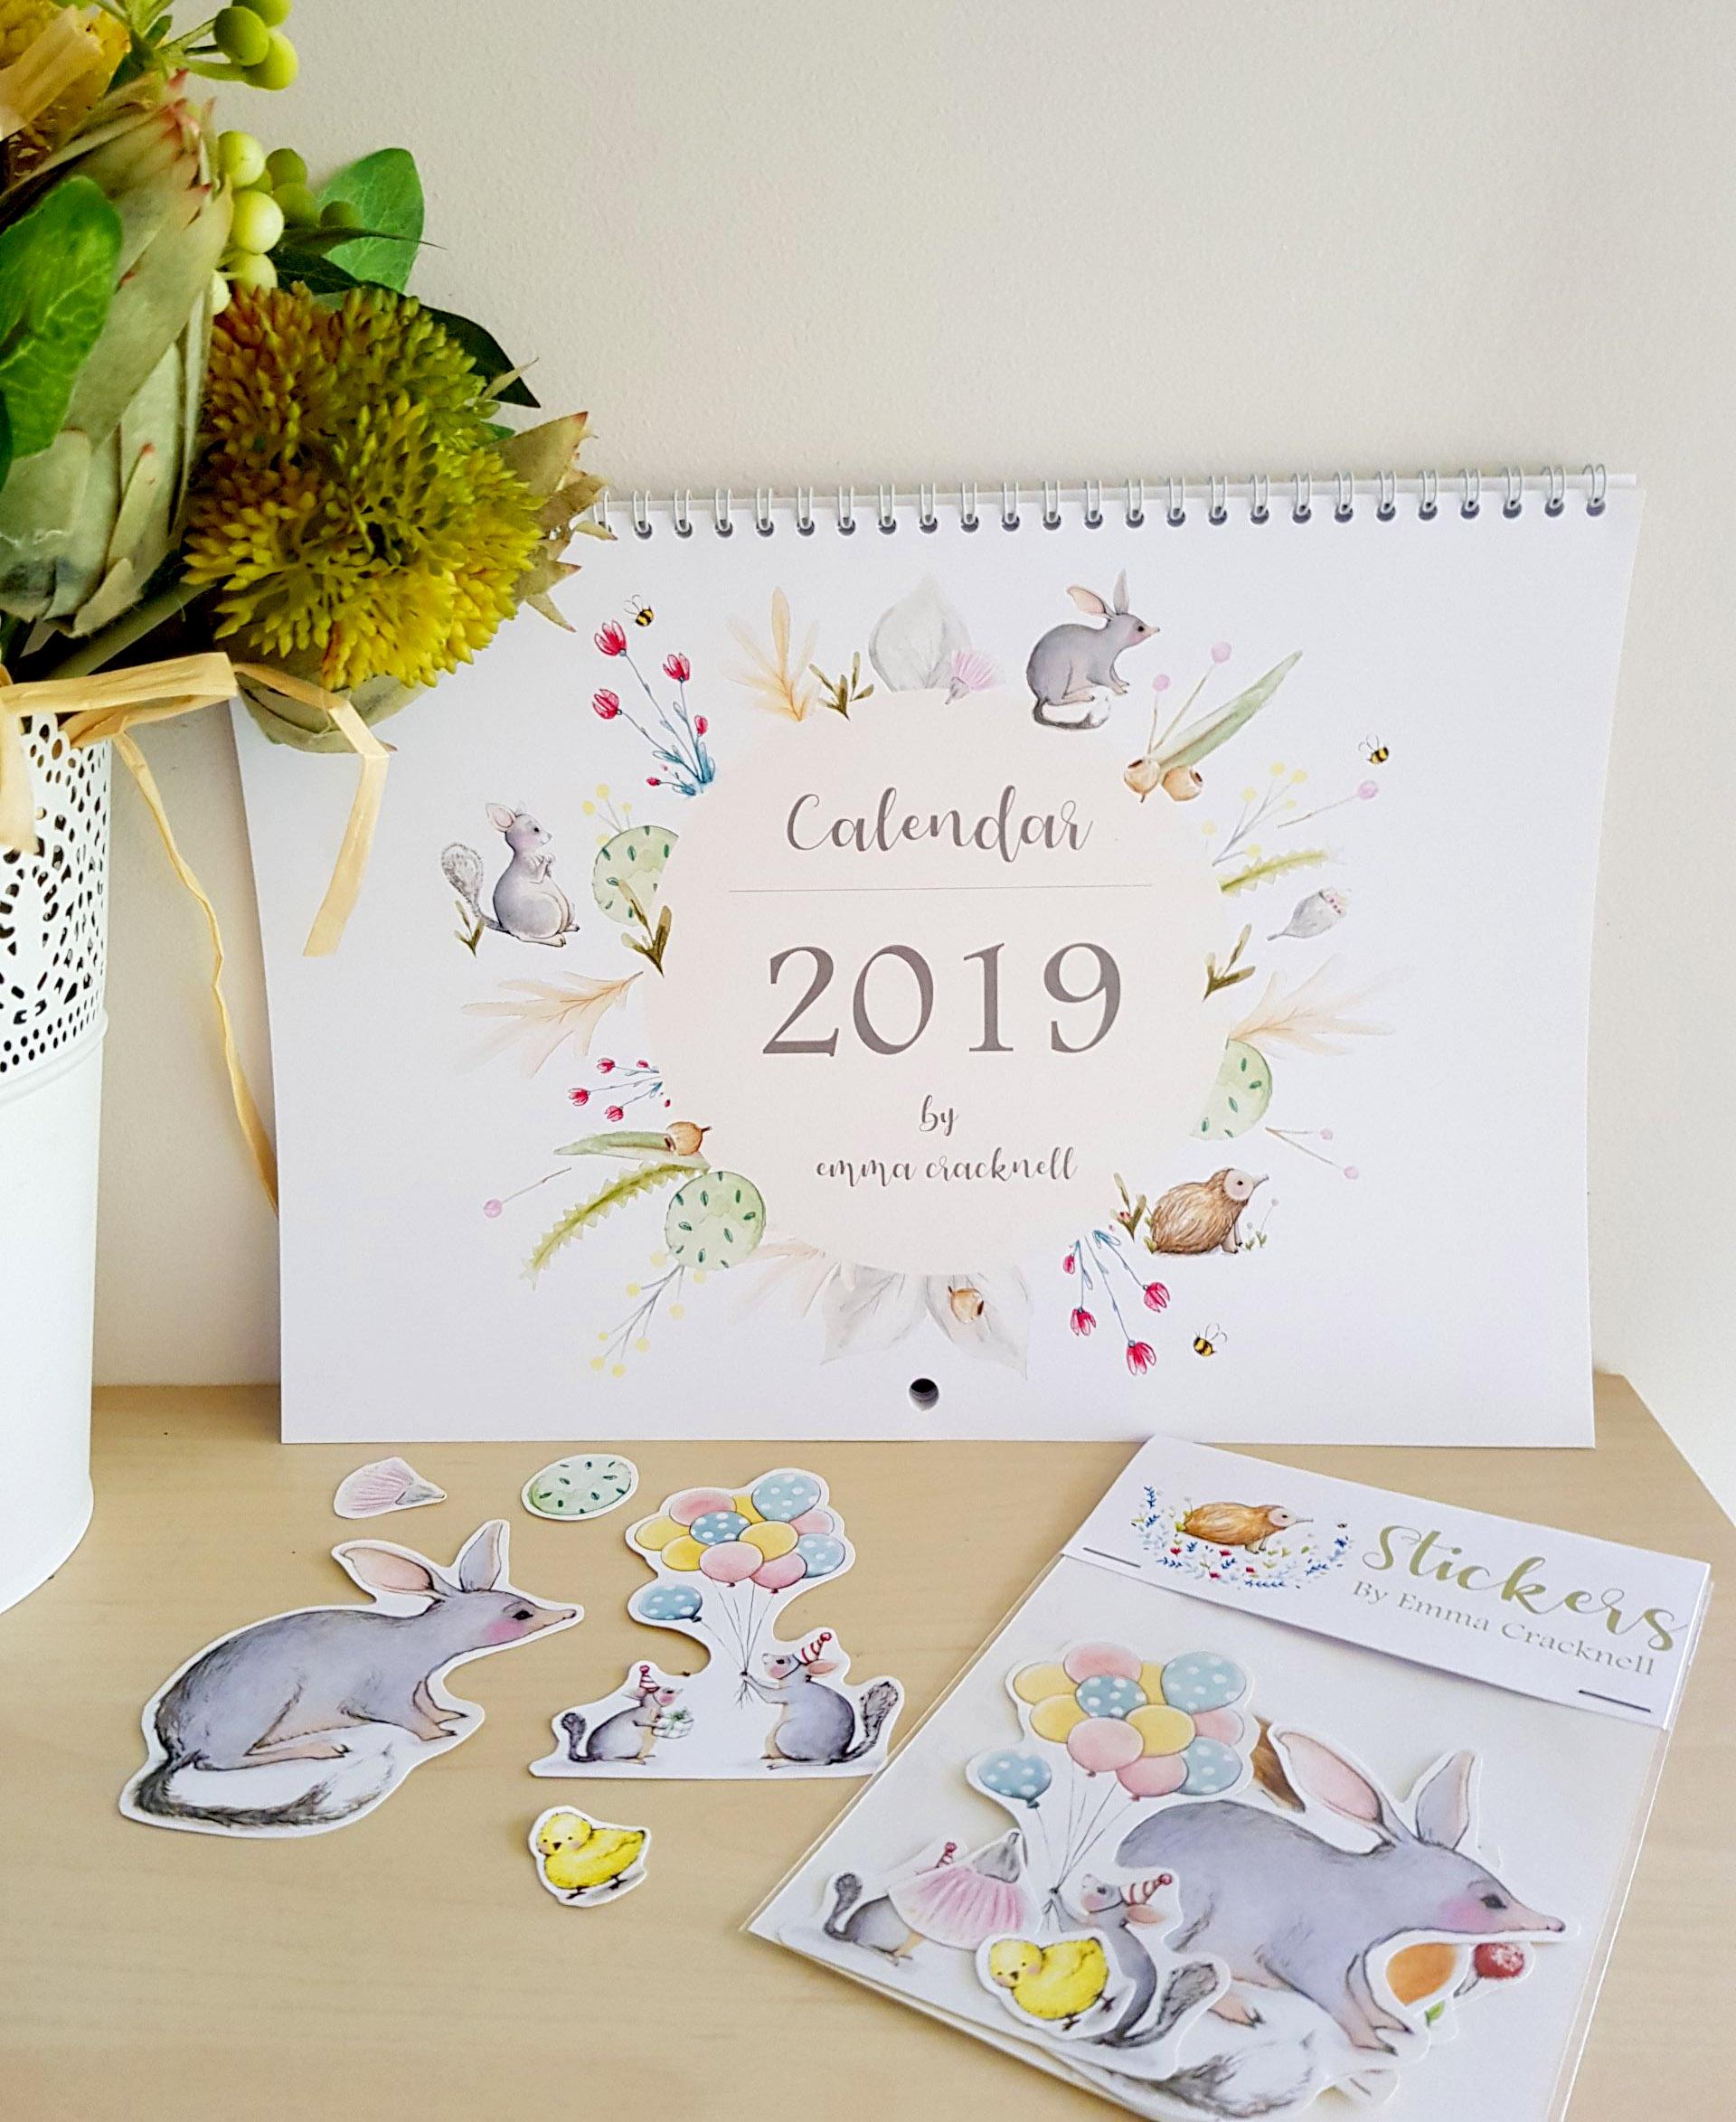 CalendarWstickers.jpg